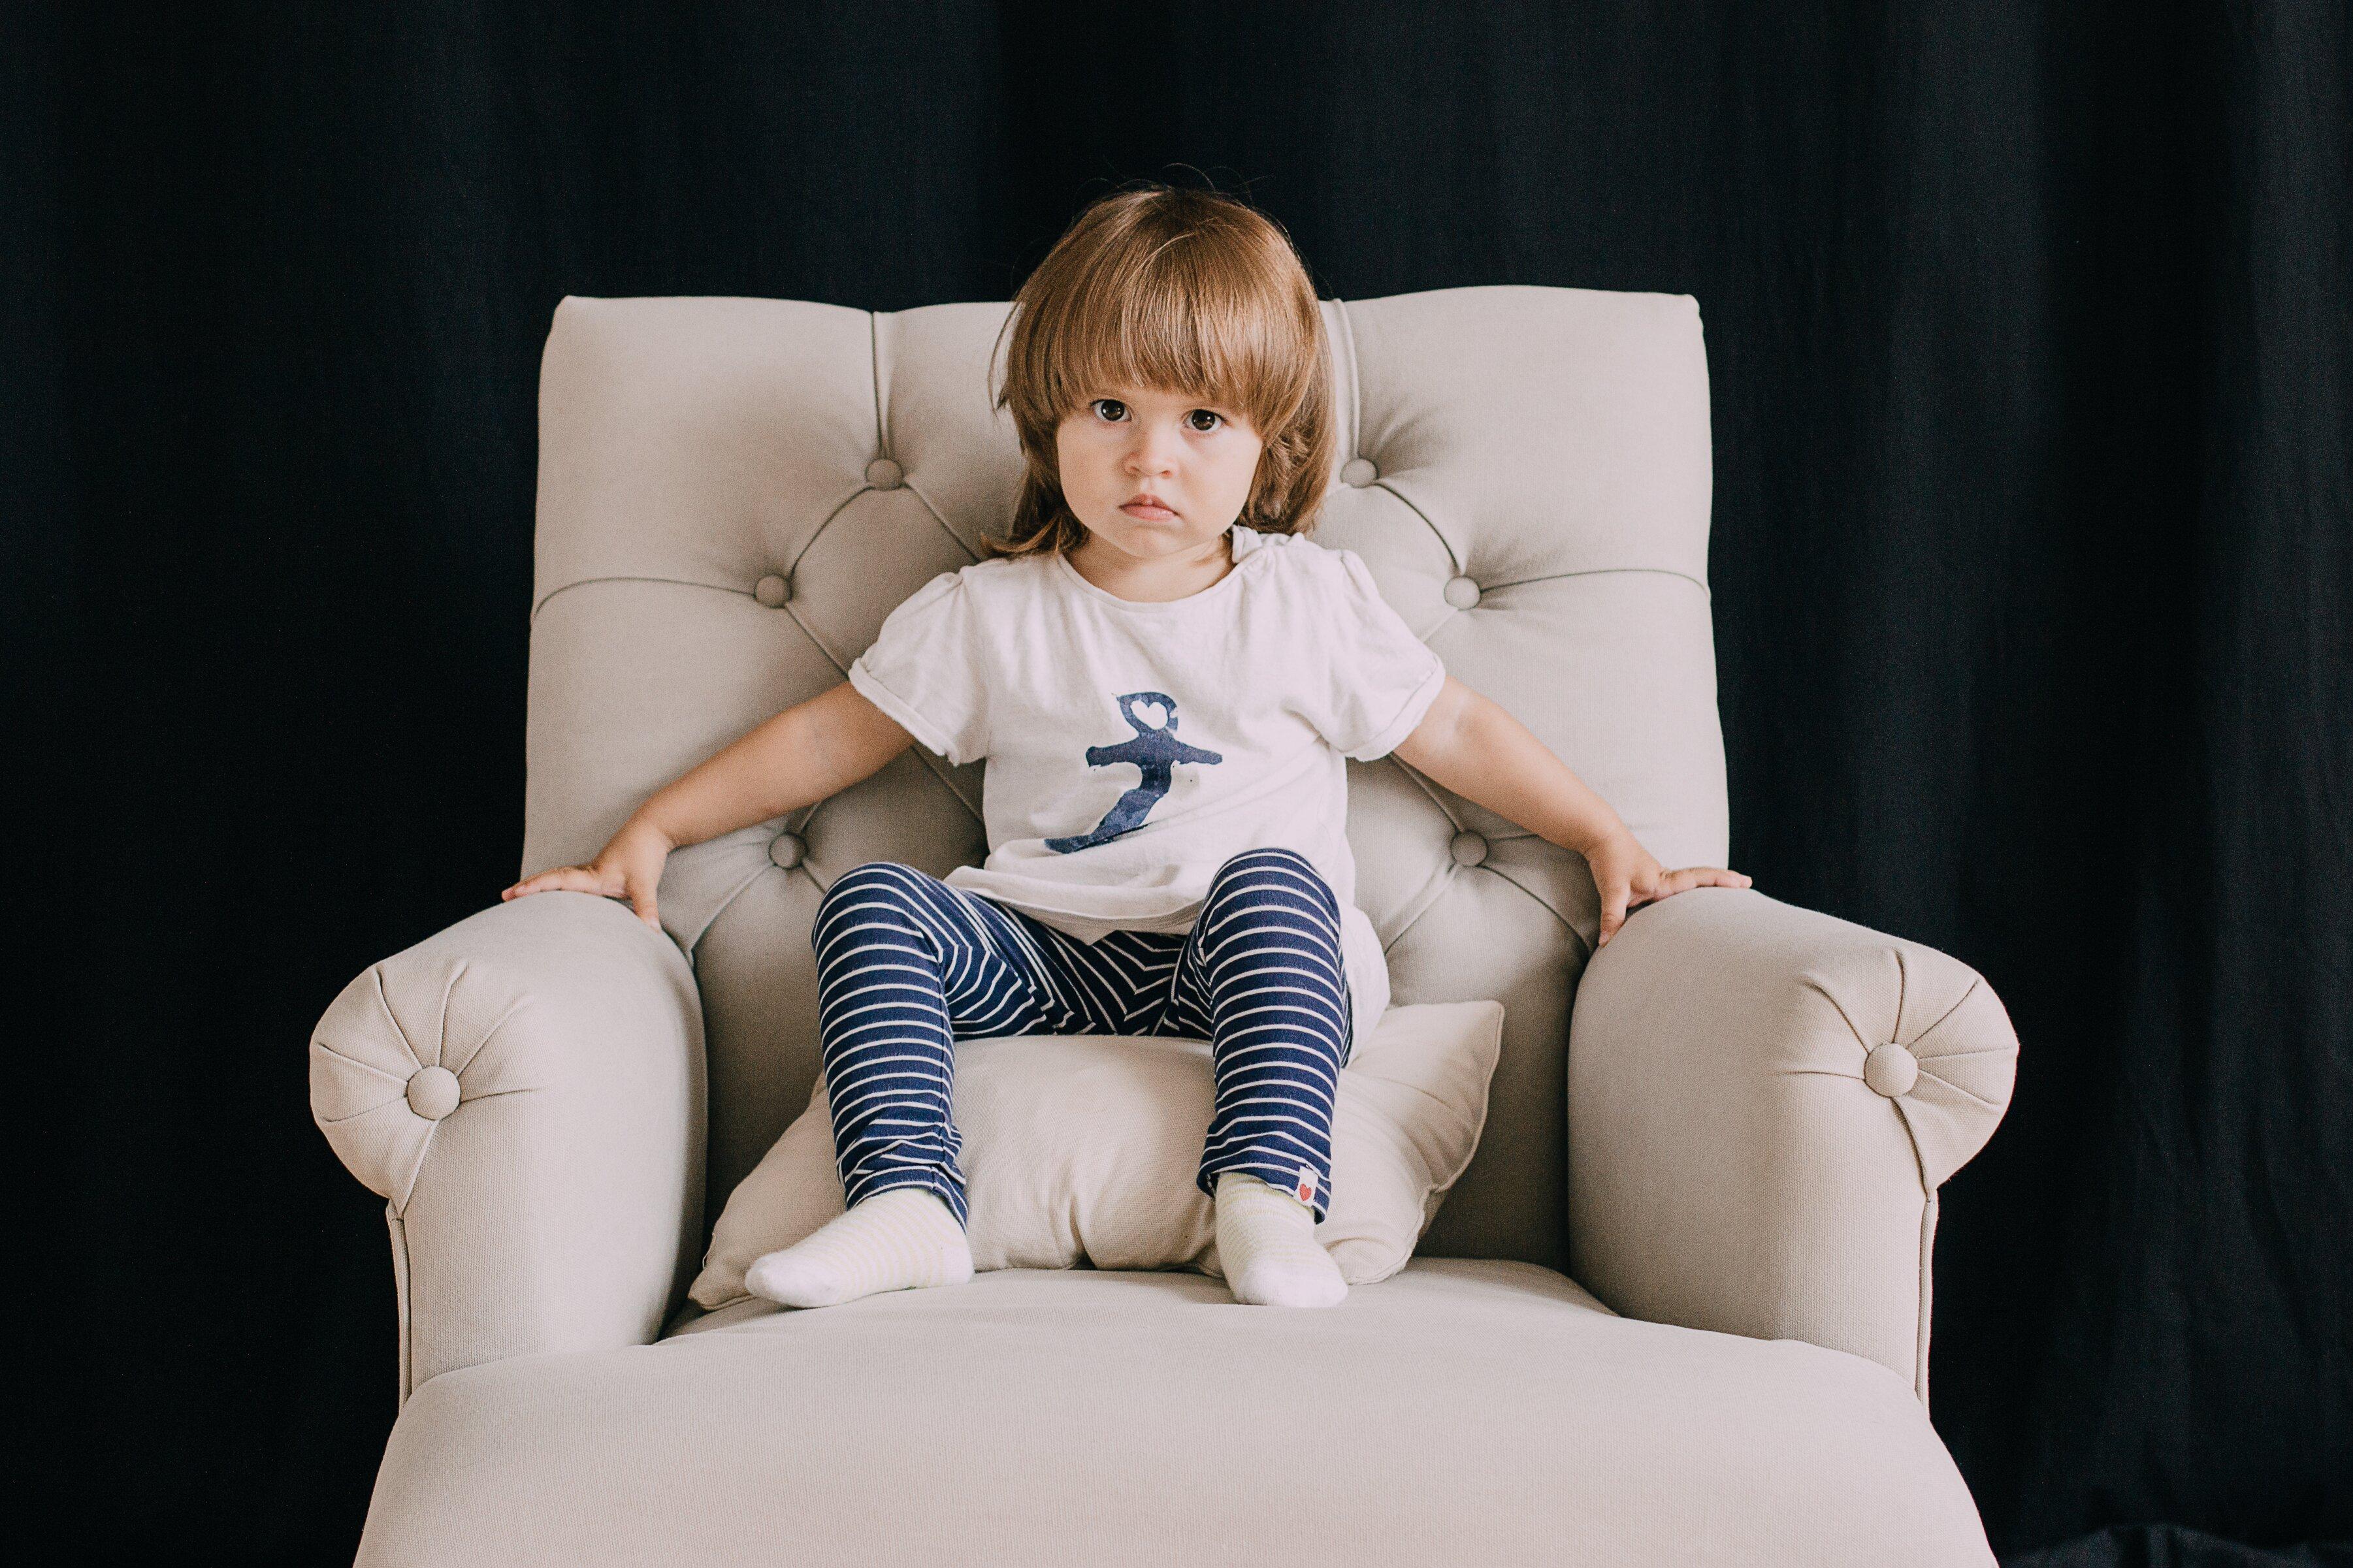 10 психологических исследований, о которых должен знать каждый родитель